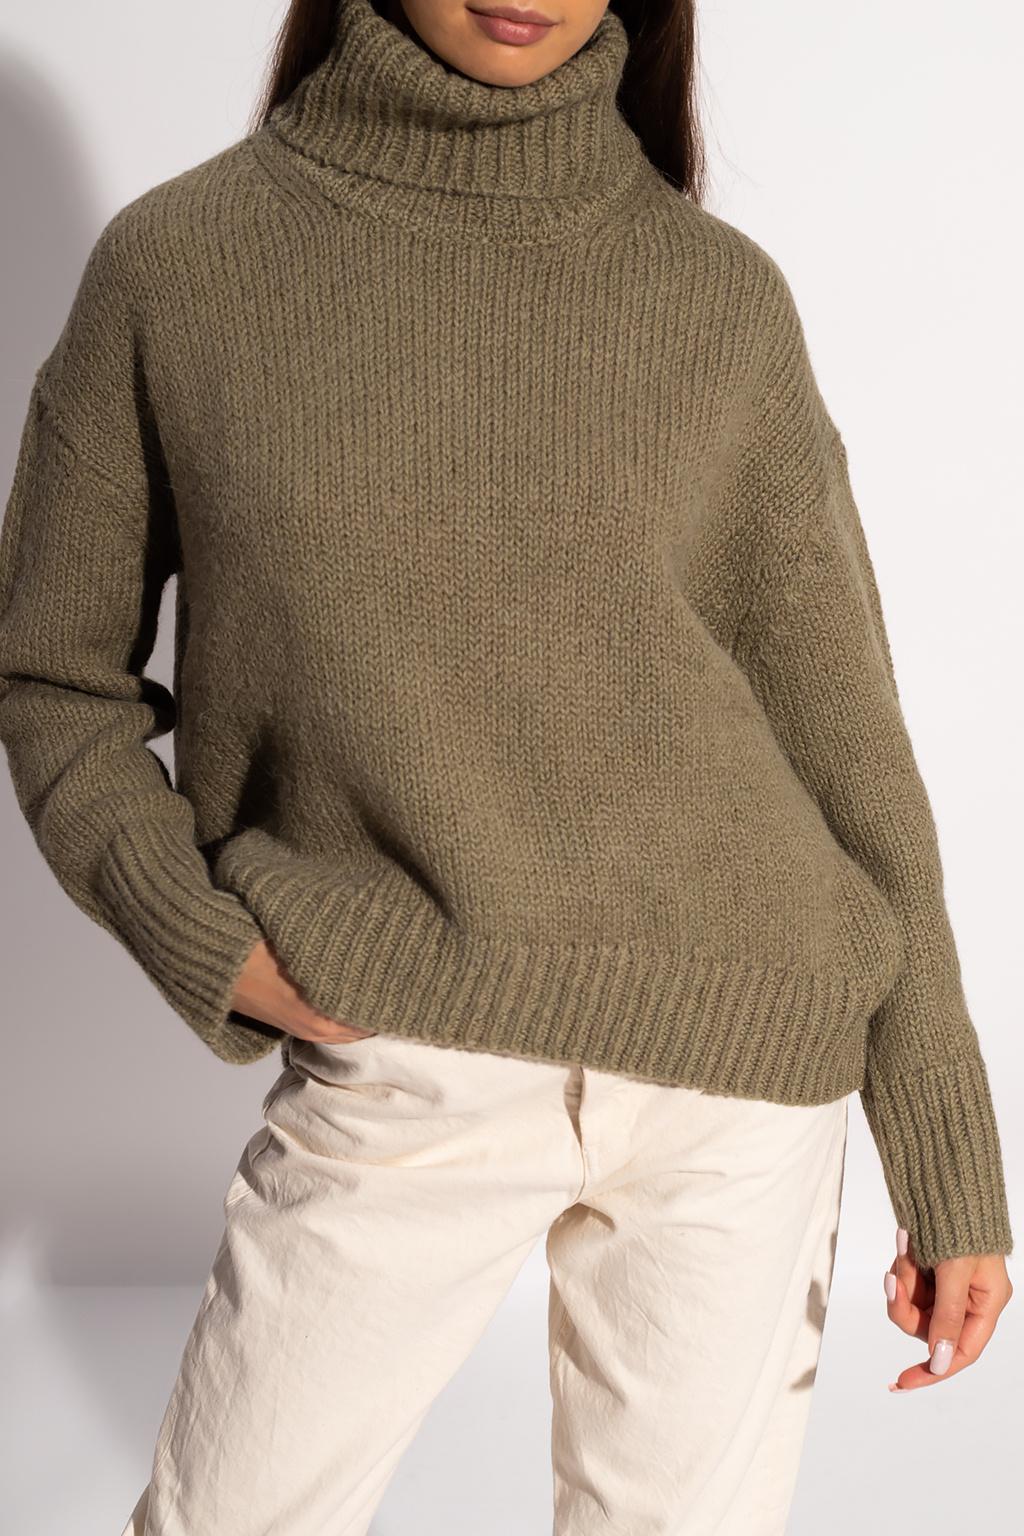 Samsøe Samsøe Wool turtleneck sweater